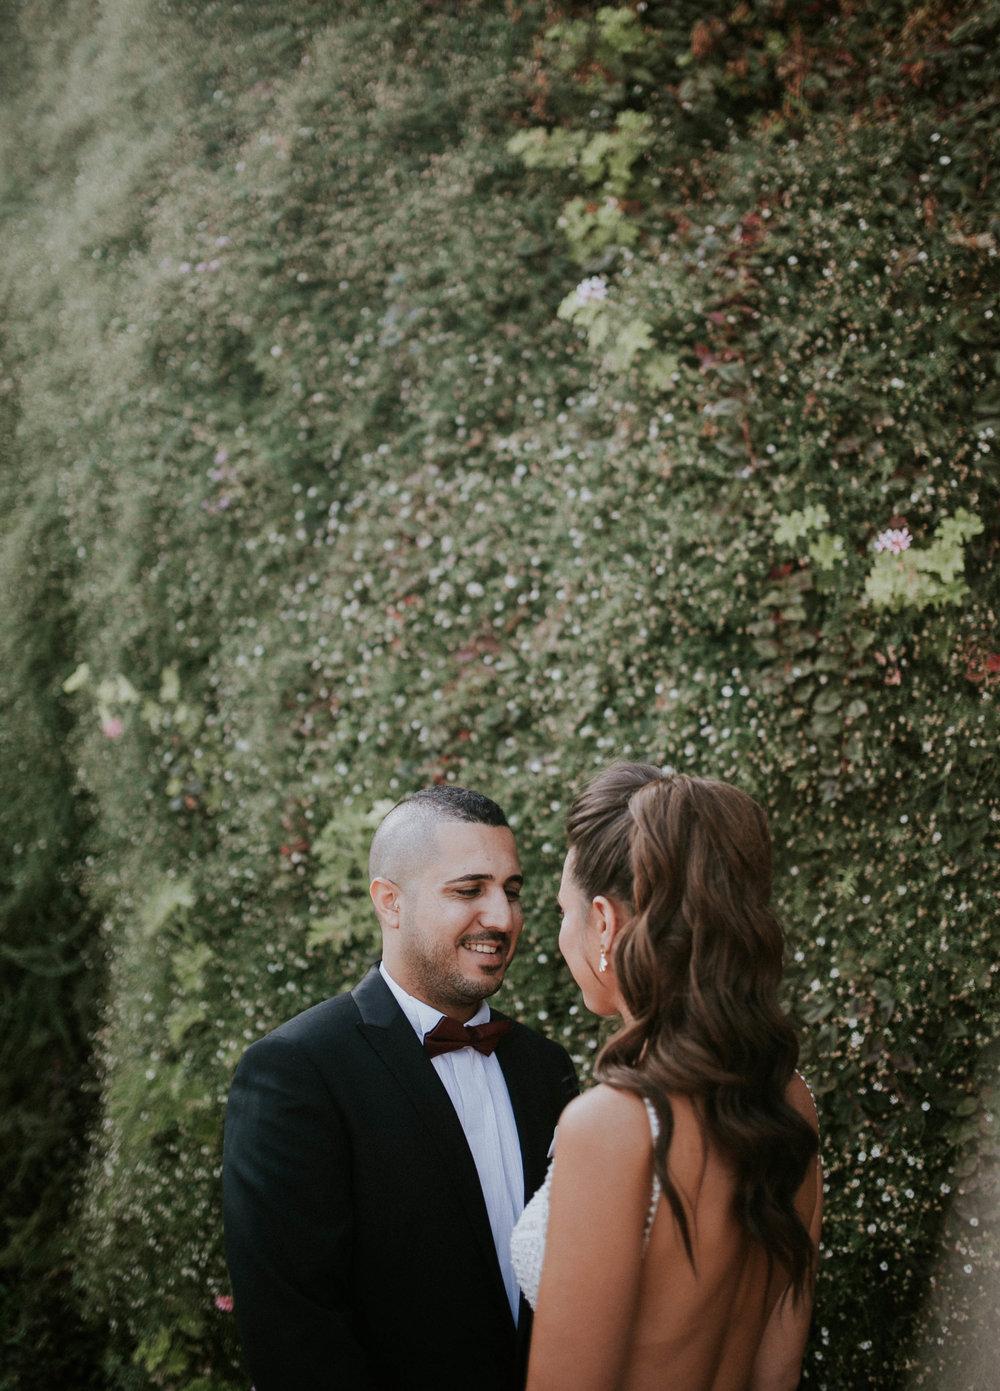 חתונה קטנה-ירושלים-5912.JPG